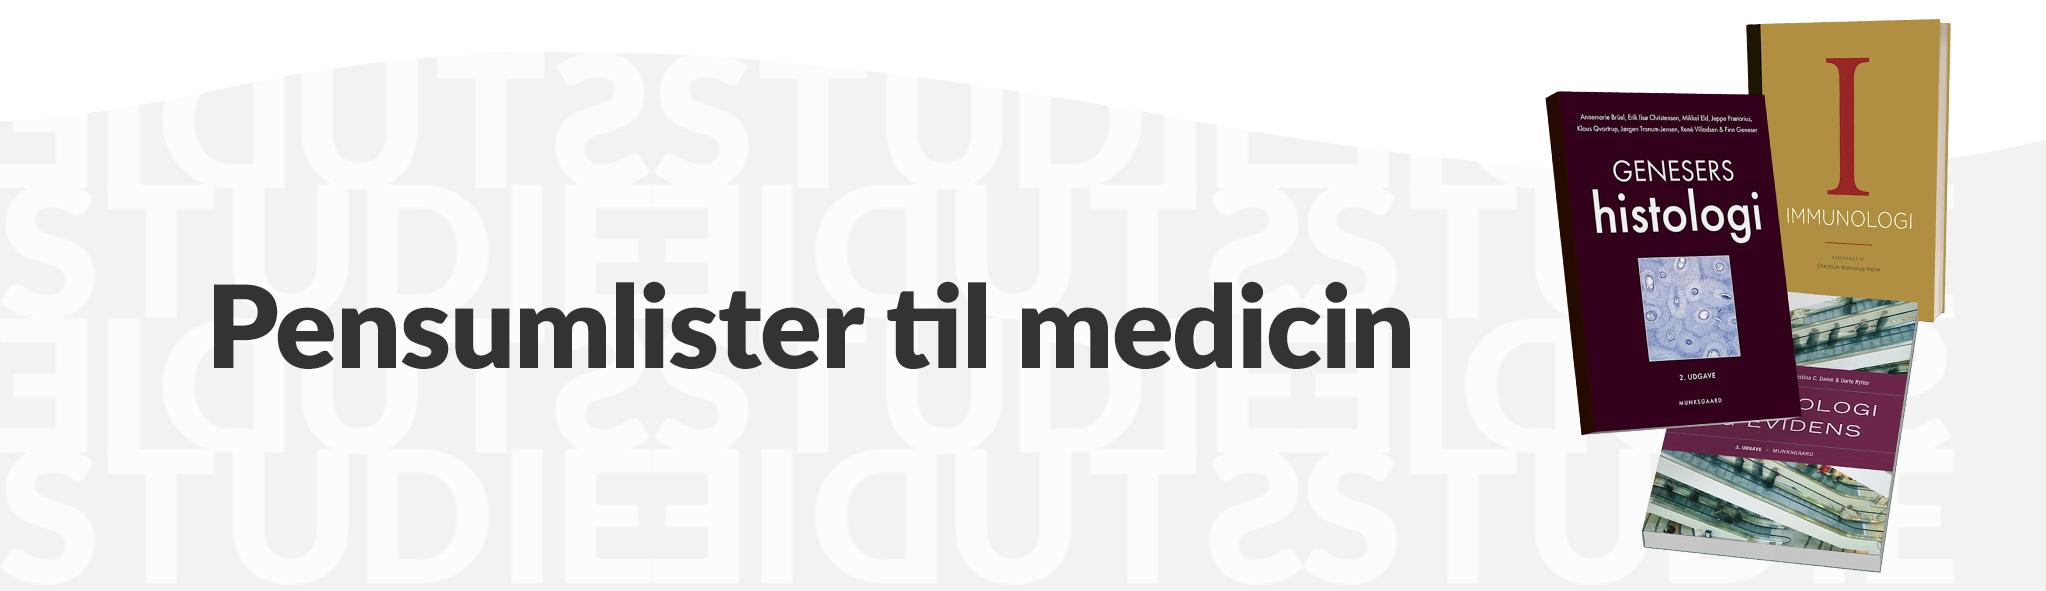 Pensumlister til medicin